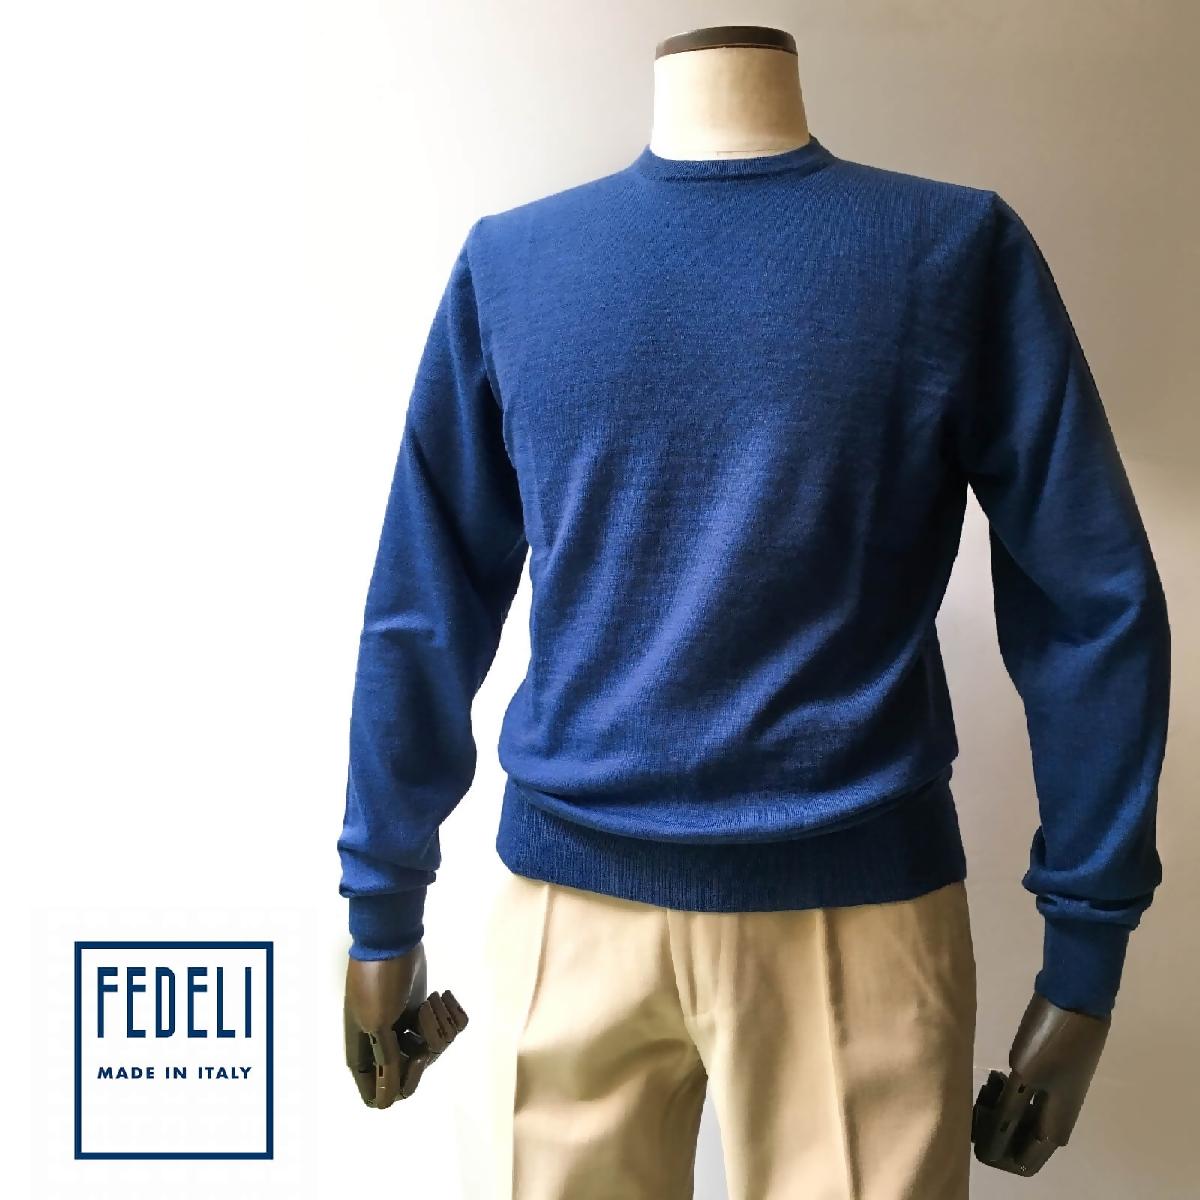 FEDELI (フェデーリ) ウールニットセーター ネイビーブルー メンズ ブランド クルーネック 長袖 大きいサイズ 無地